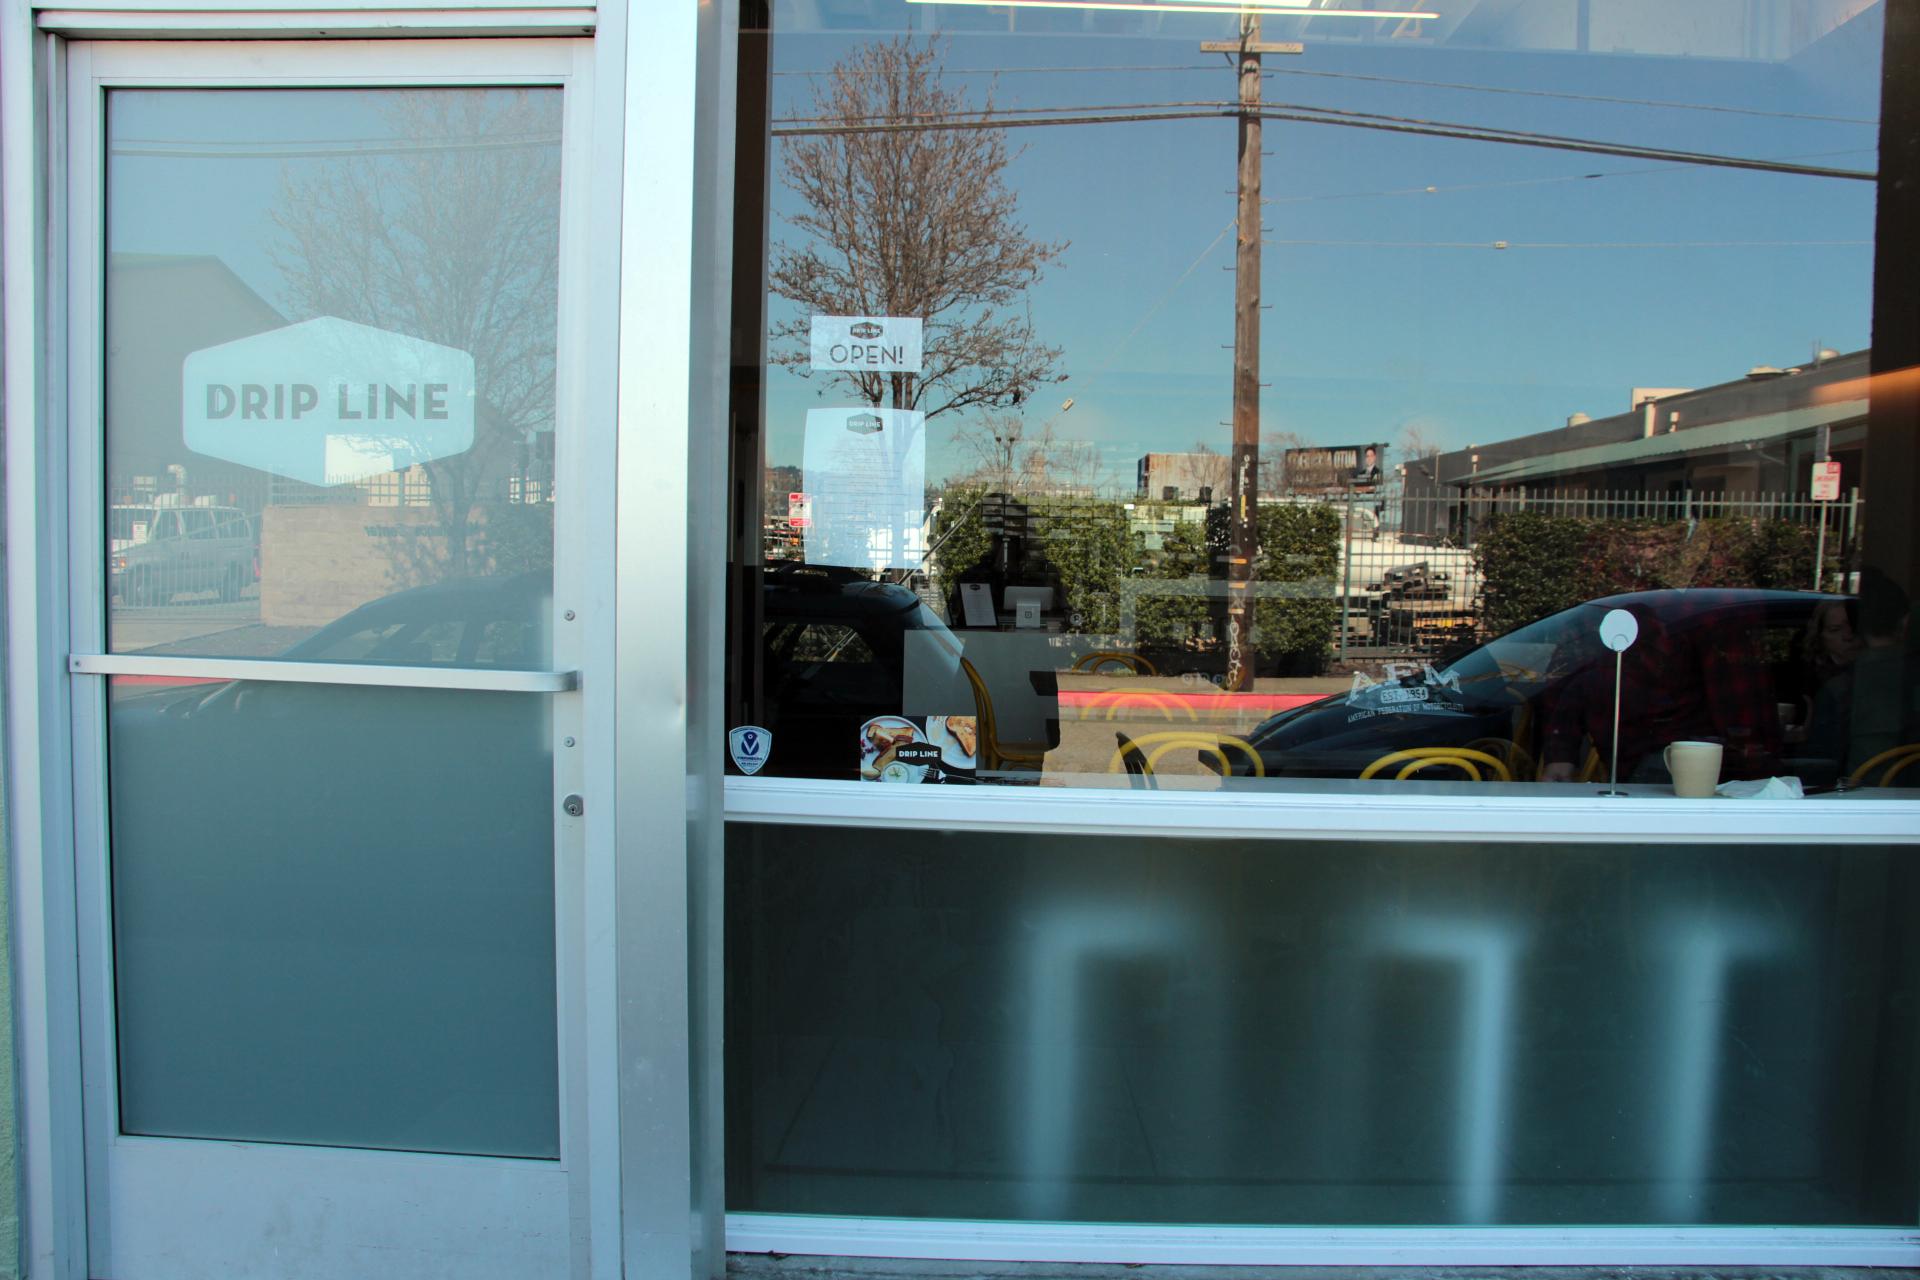 Drip Line exterior.